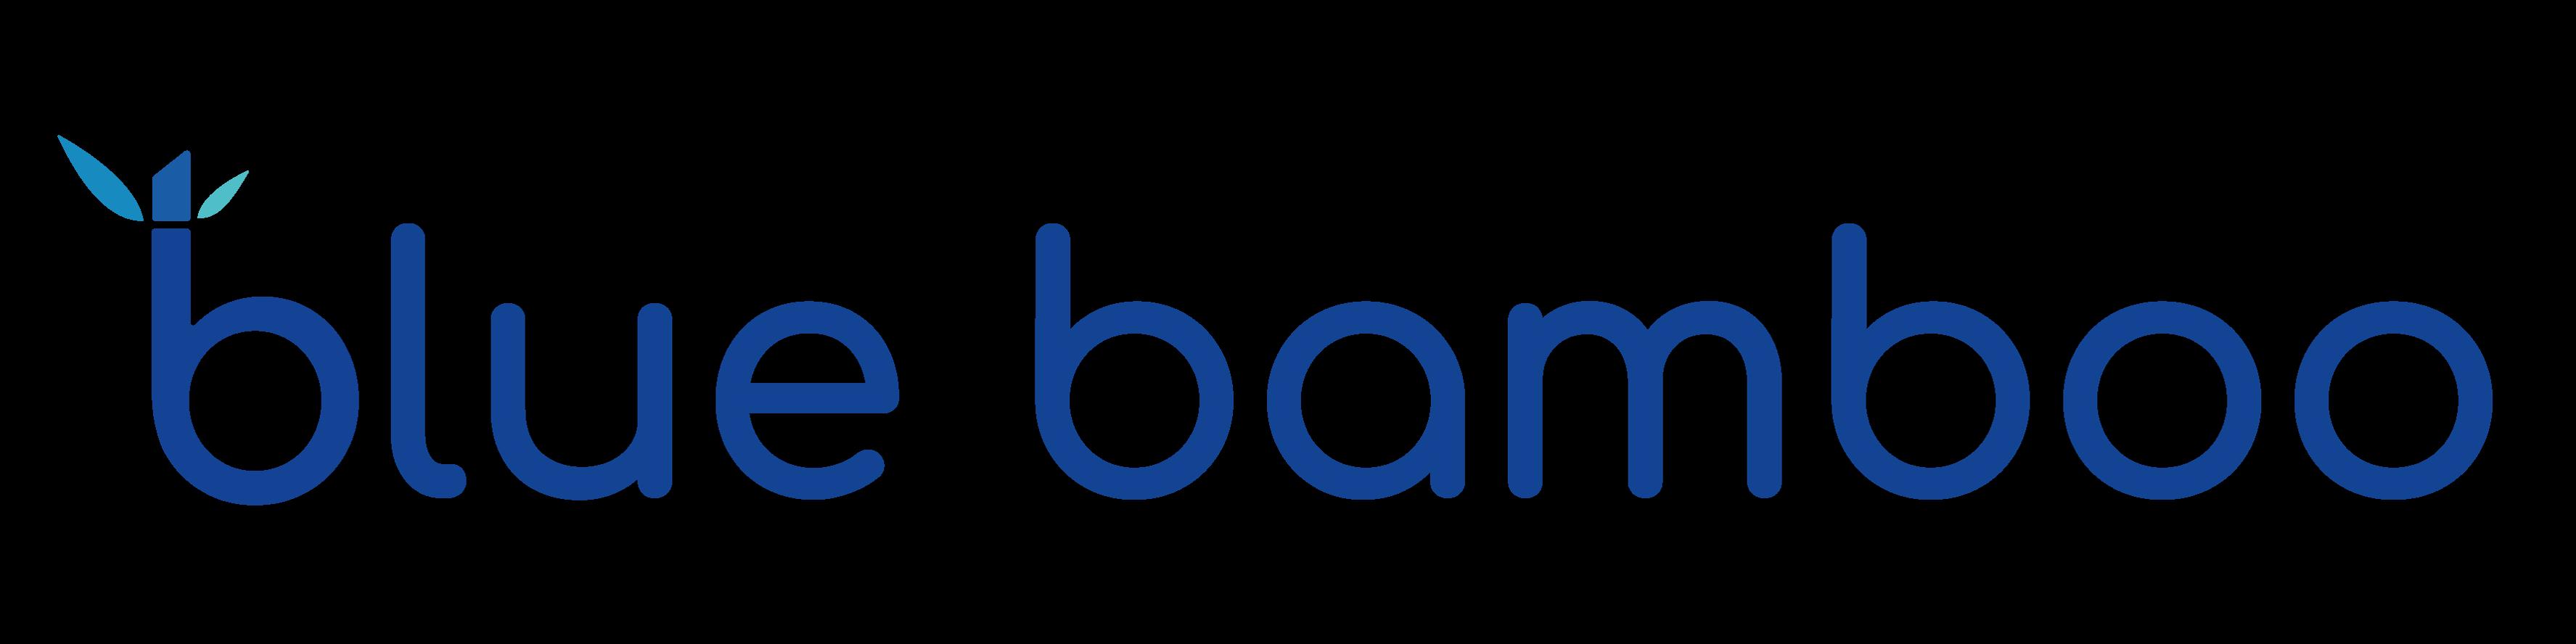 Blue Bamboo - Ecosystème d'entreprises